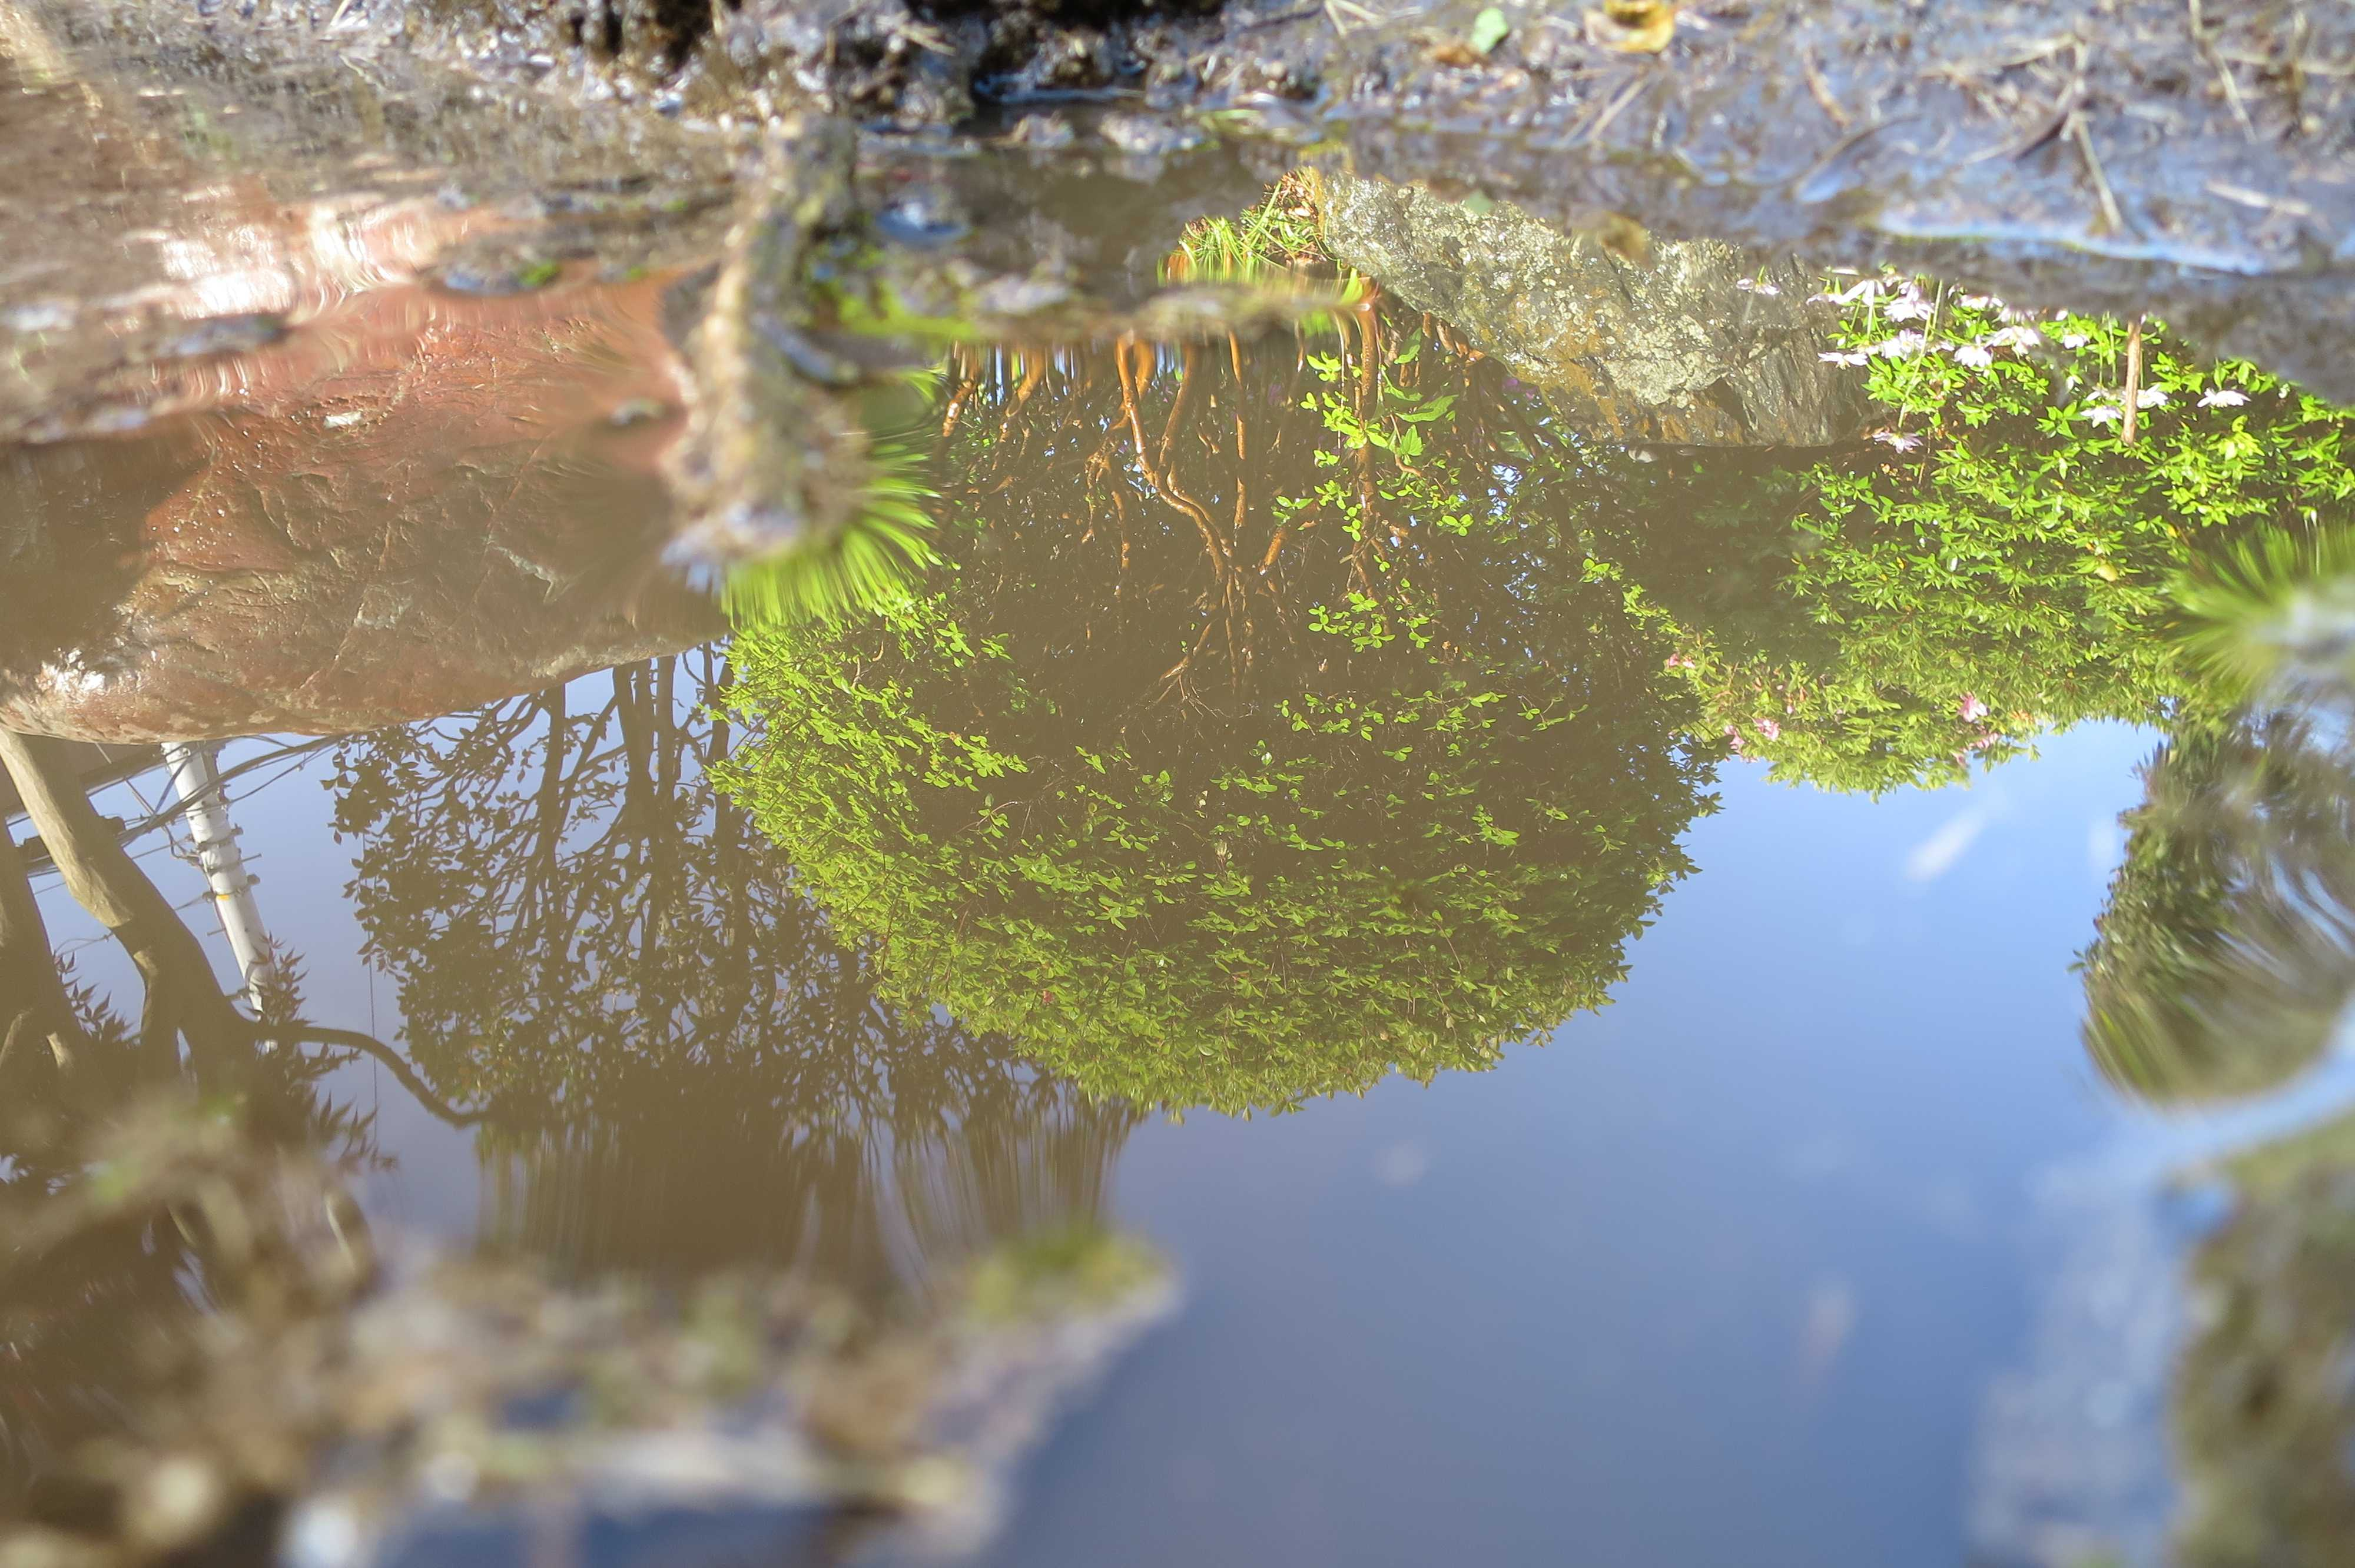 水たまりに映った緑の木々